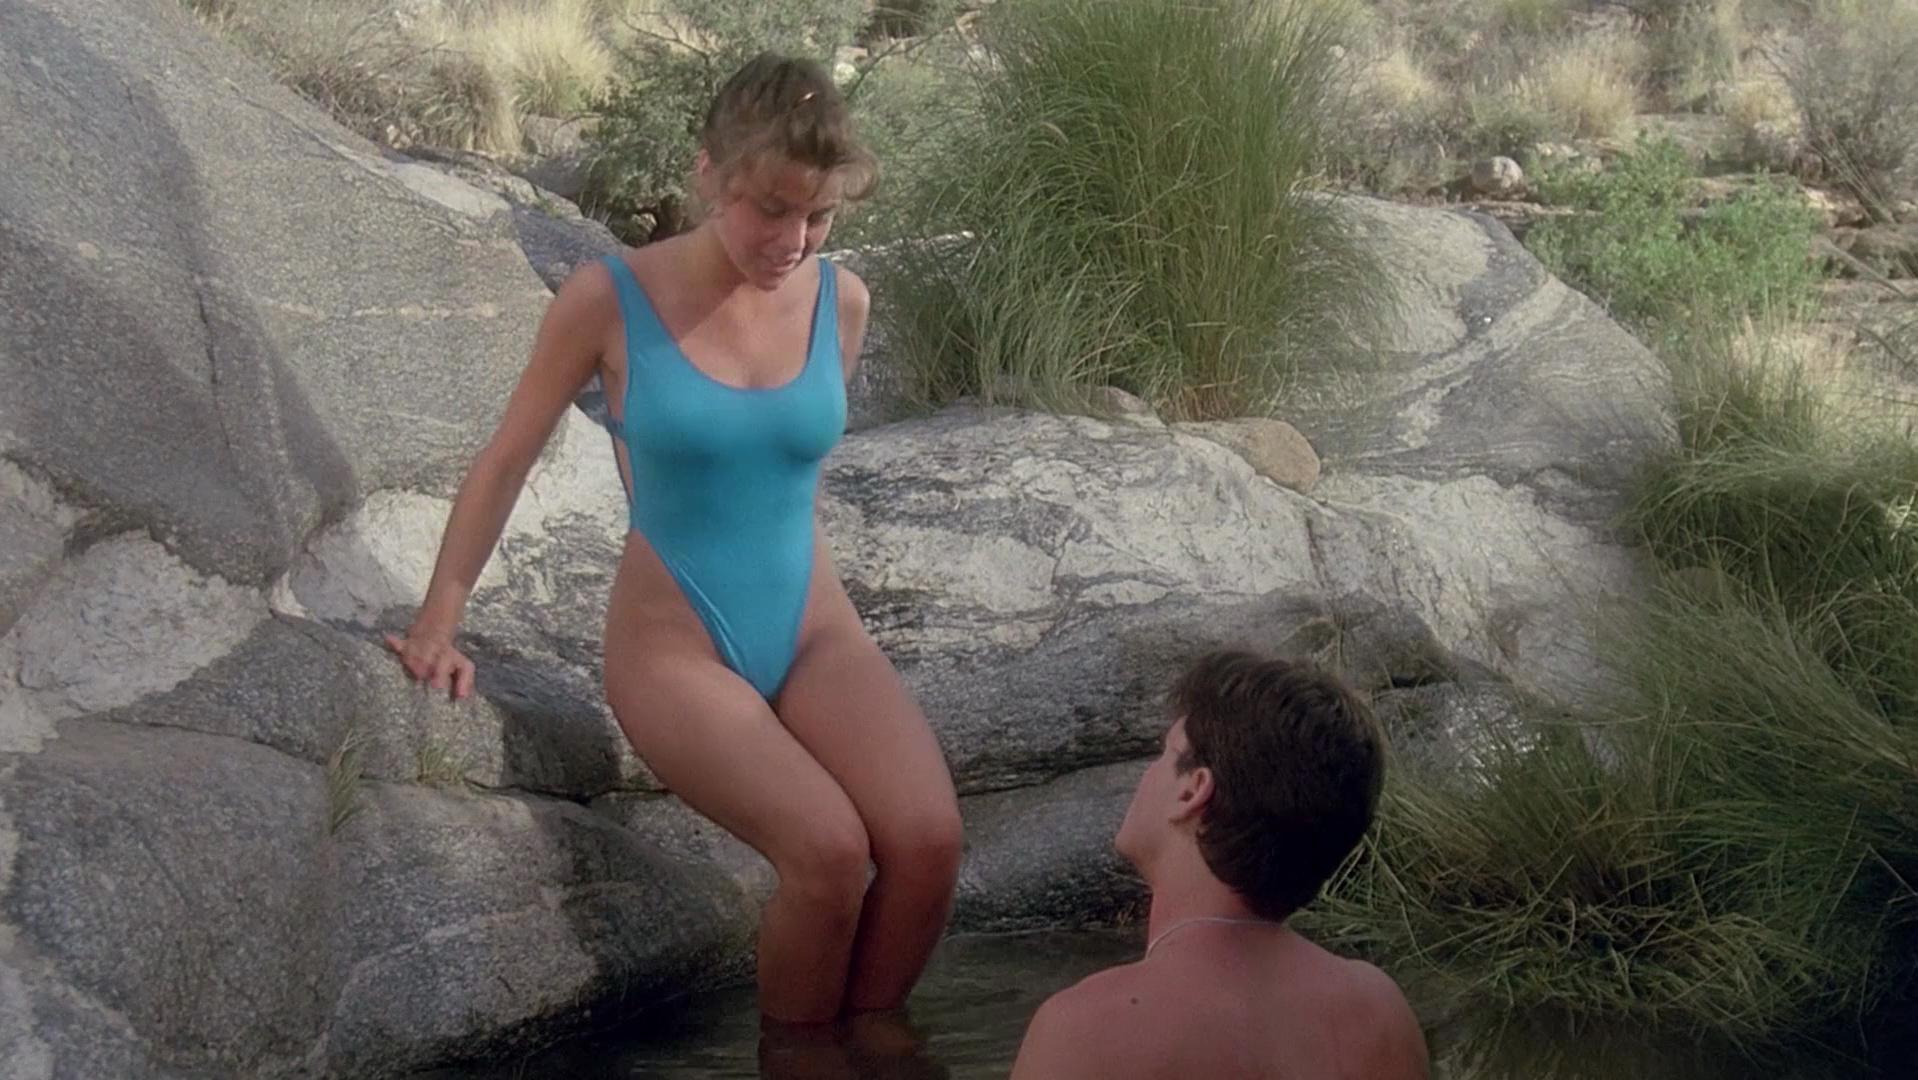 Nude Video Celebs  Sherilyn Fenn Nude - The Wraith 1986-1703